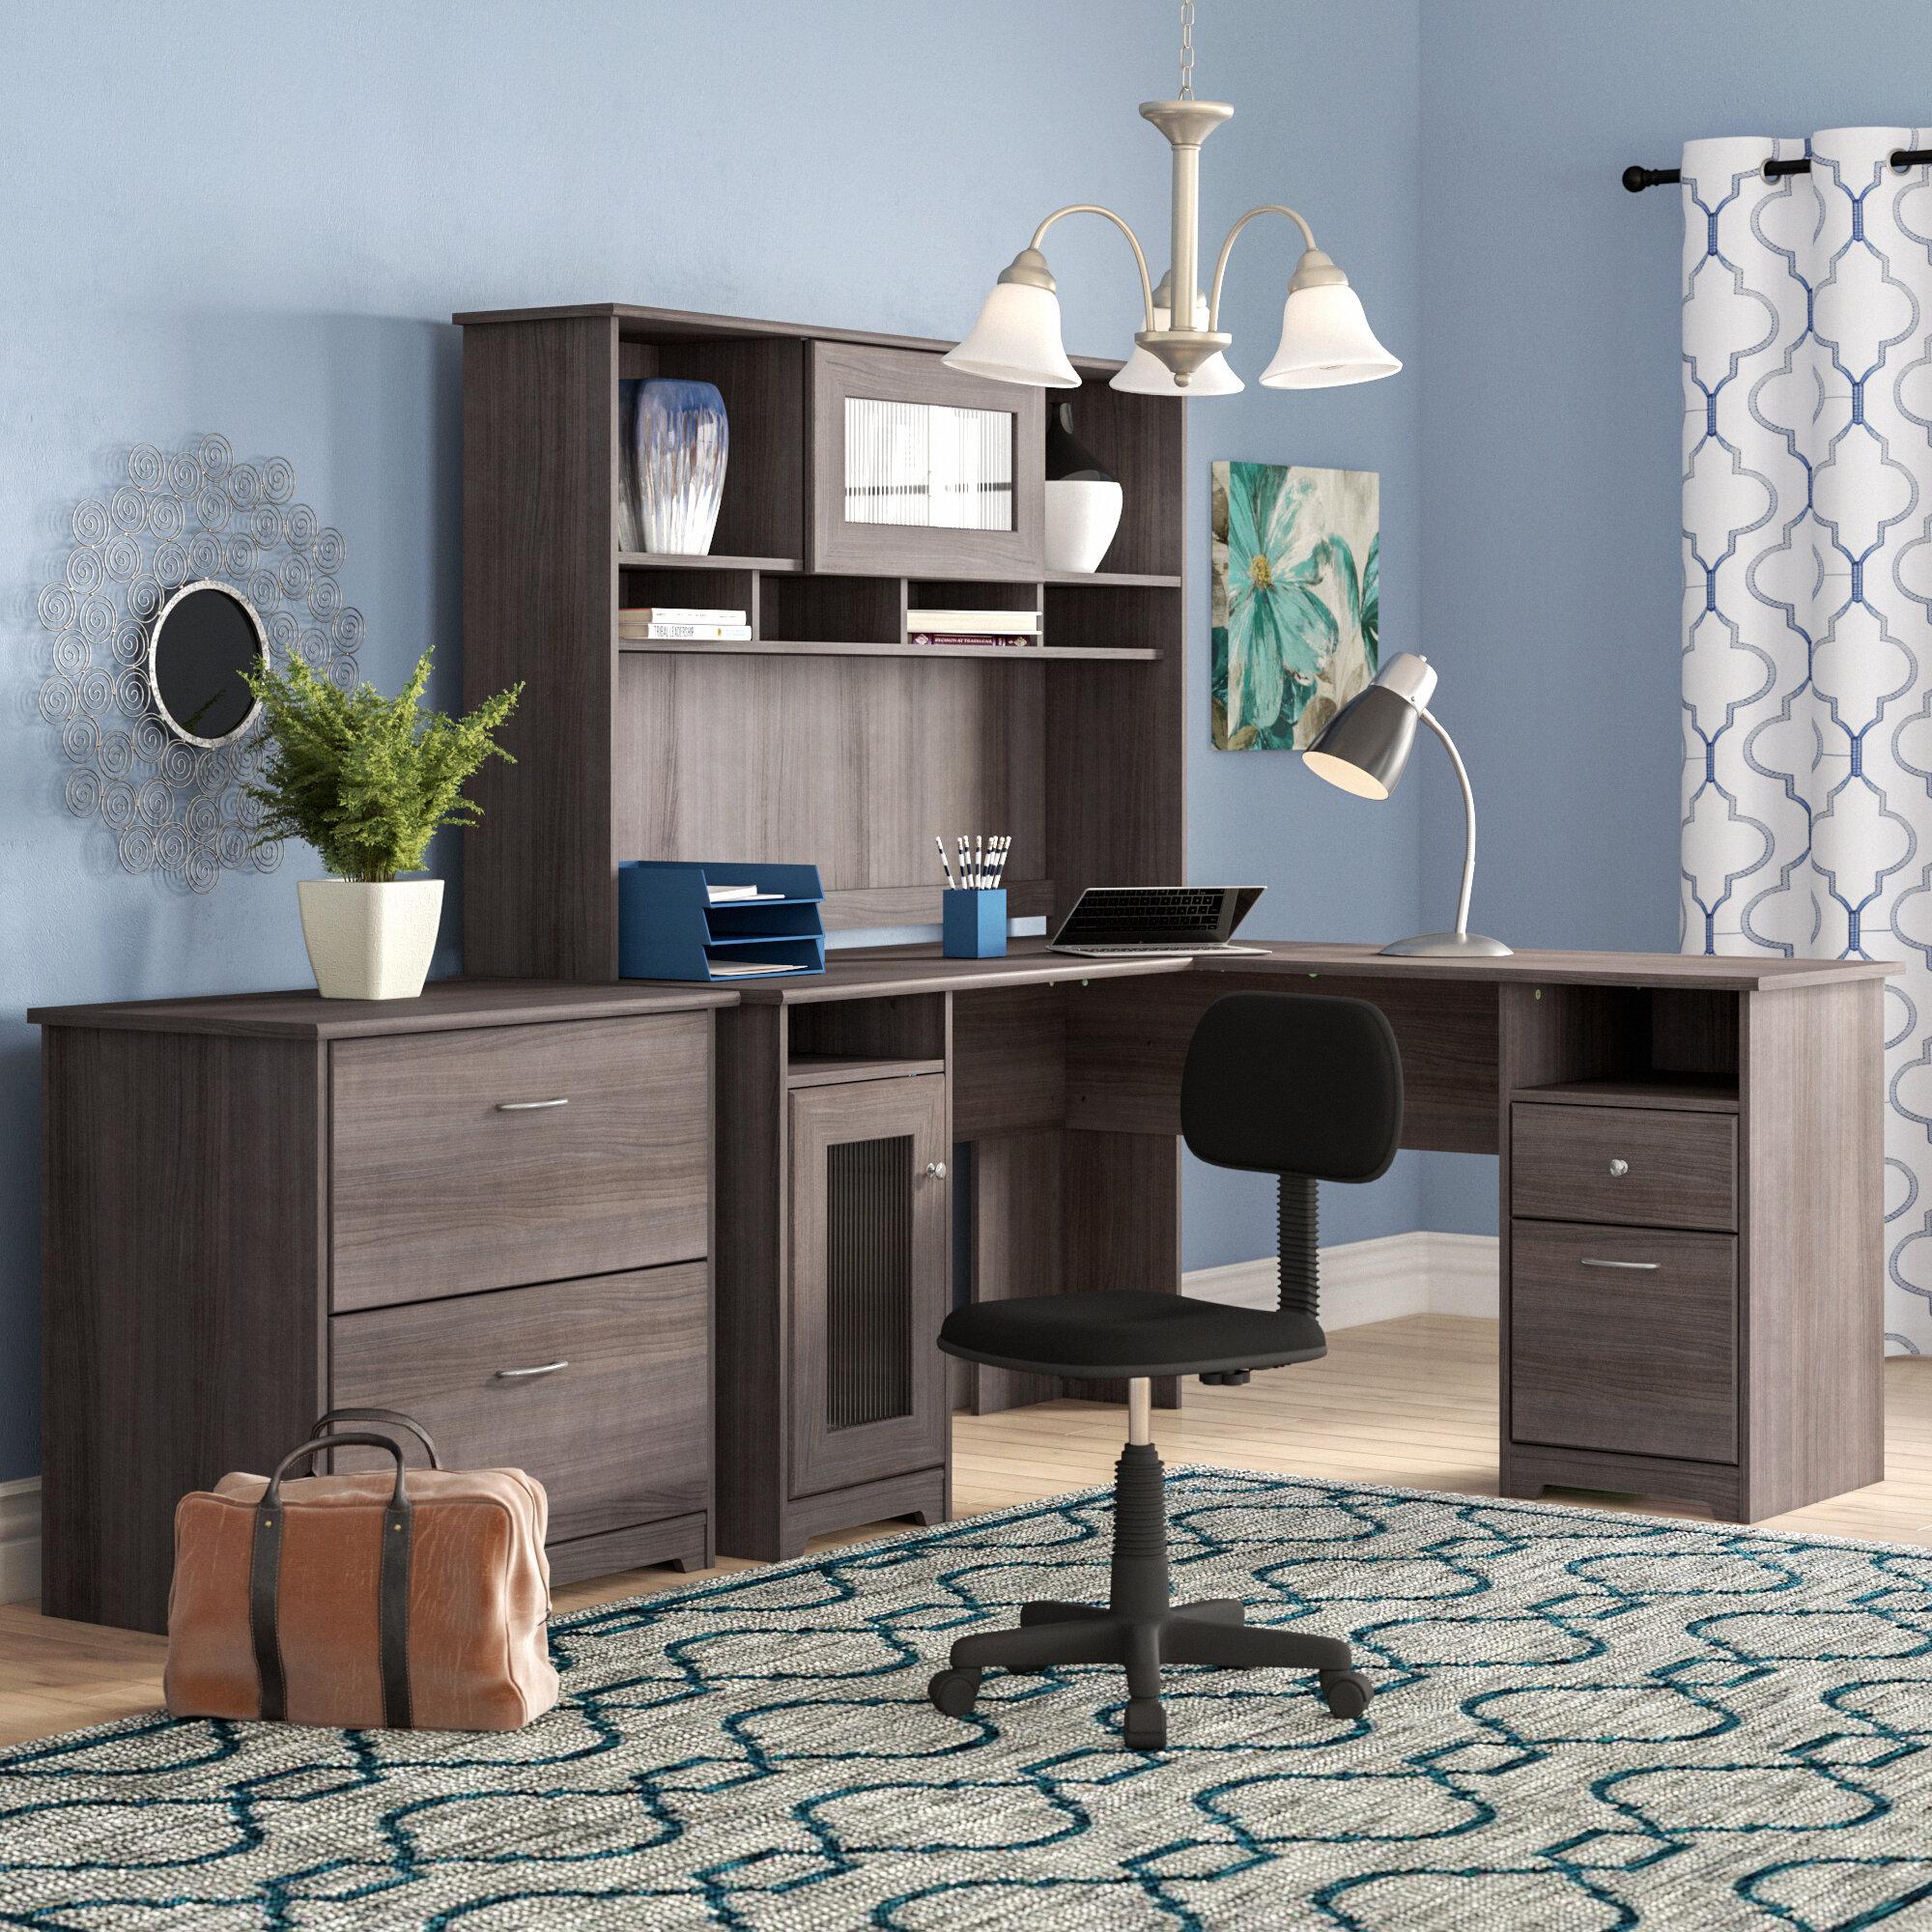 L shaped desks for home office Furniture Ikea Red Barrel Studio Hillsdale Piece Lshape Desk Office Suite Reviews Wayfair Wayfair Red Barrel Studio Hillsdale Piece Lshape Desk Office Suite